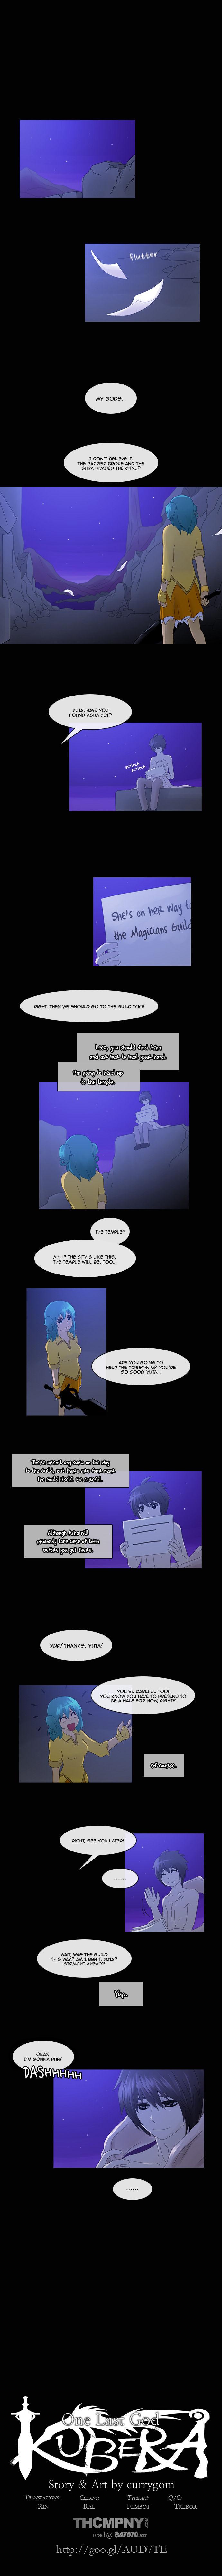 Kubera 181 Page 1